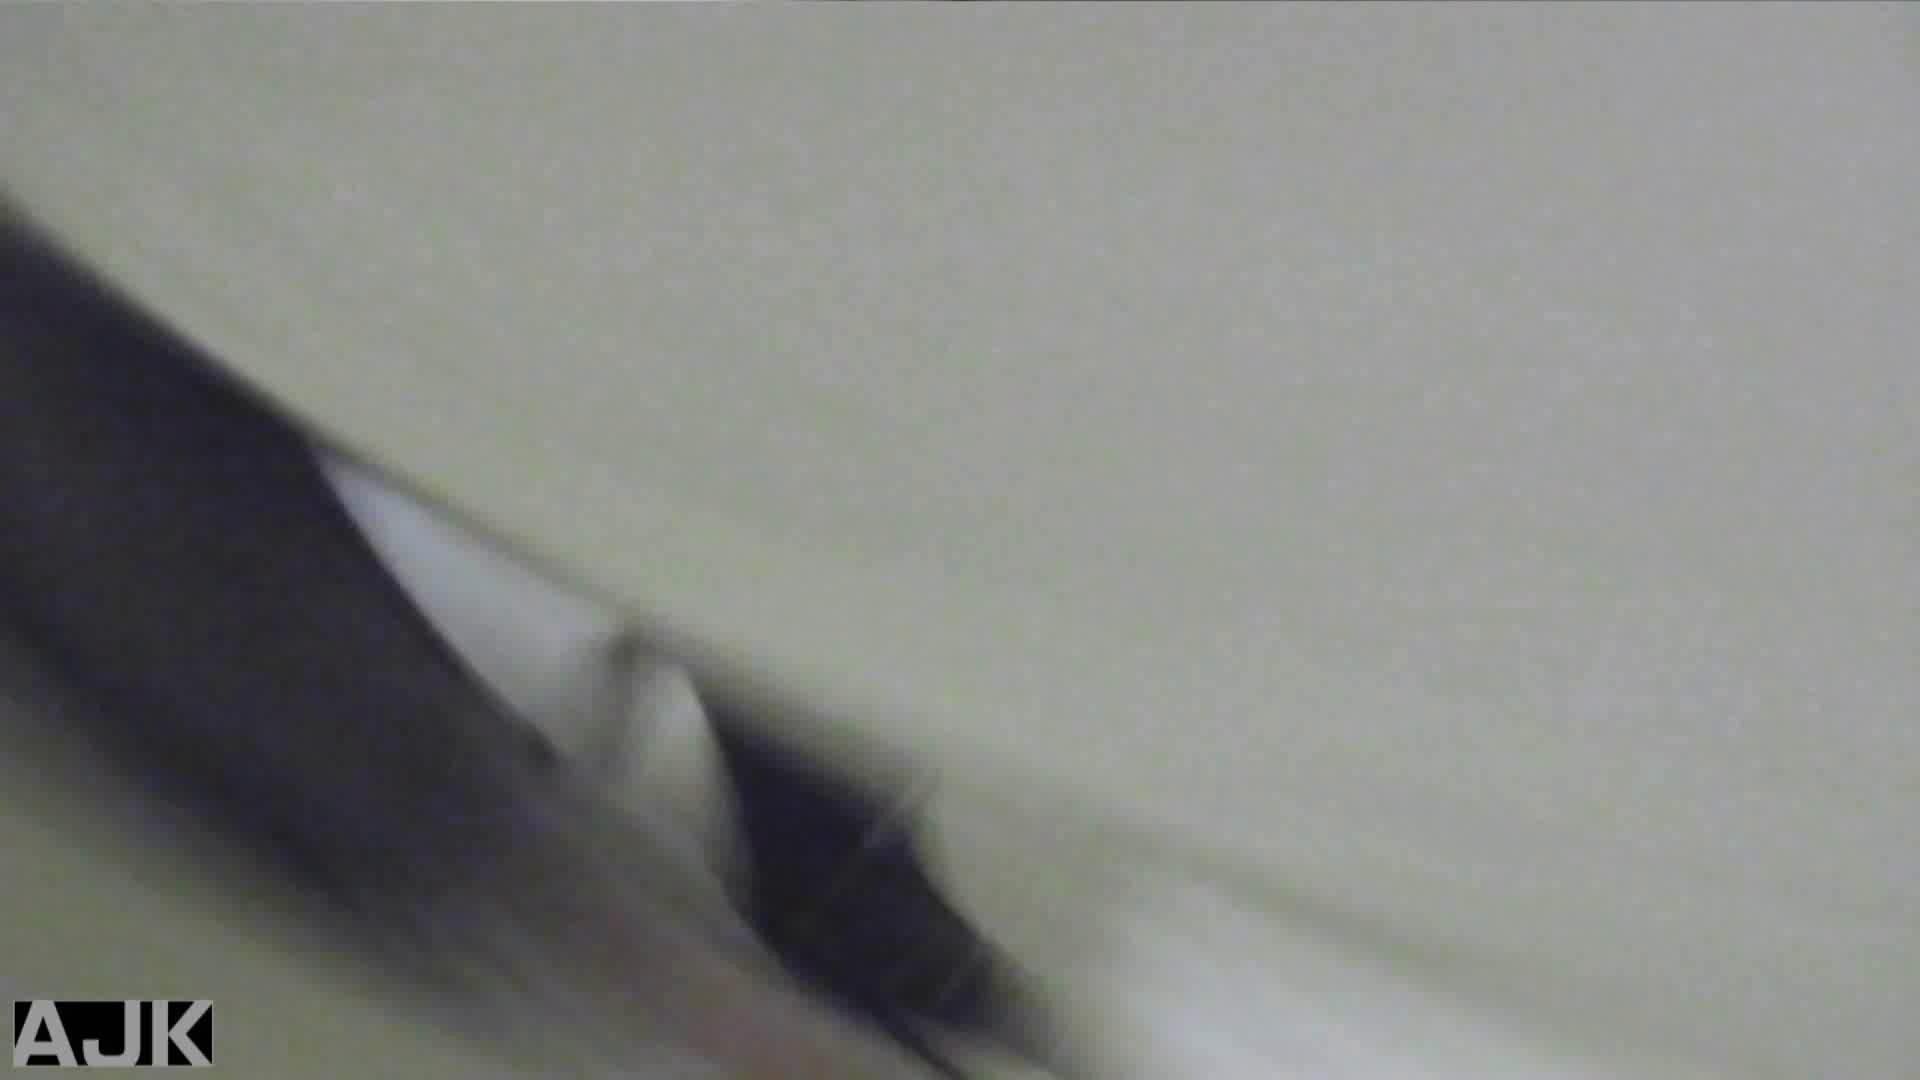 神降臨!史上最強の潜入かわや! vol.30 美女ヌード おまんこ動画流出 62画像 39